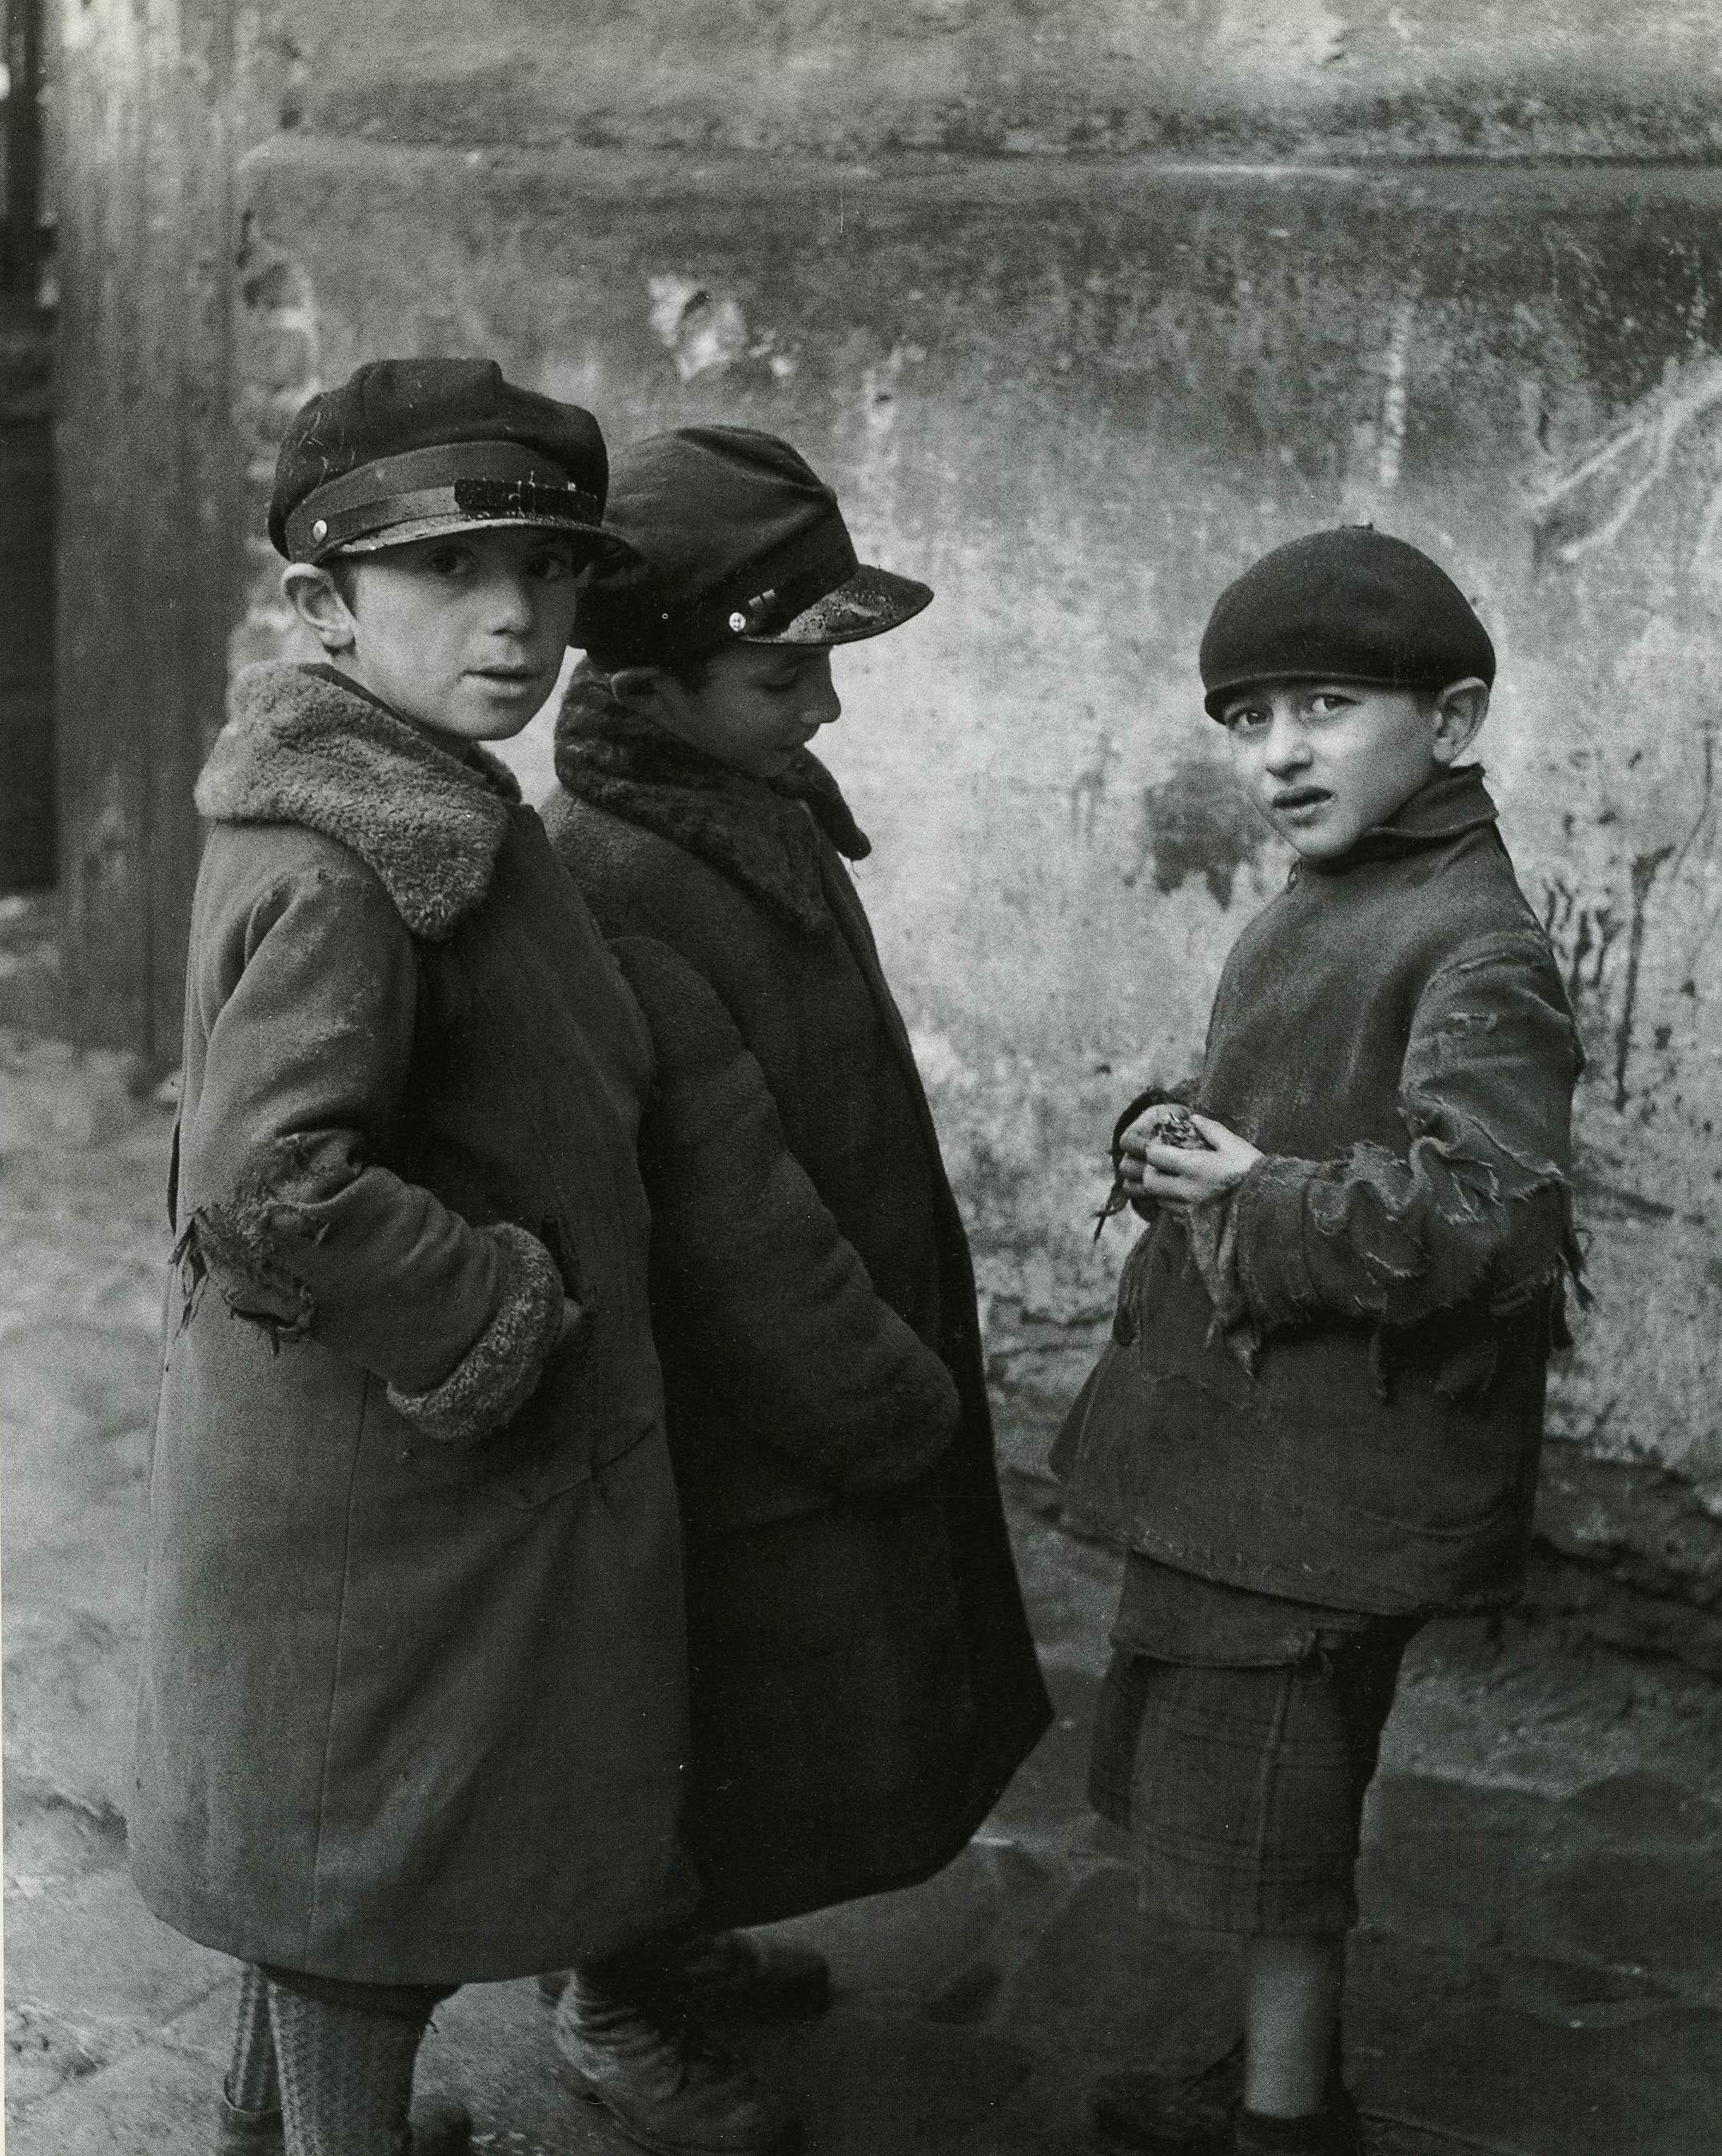 Еврейские мальчики подозрительны к чужим людям (фрагмент)